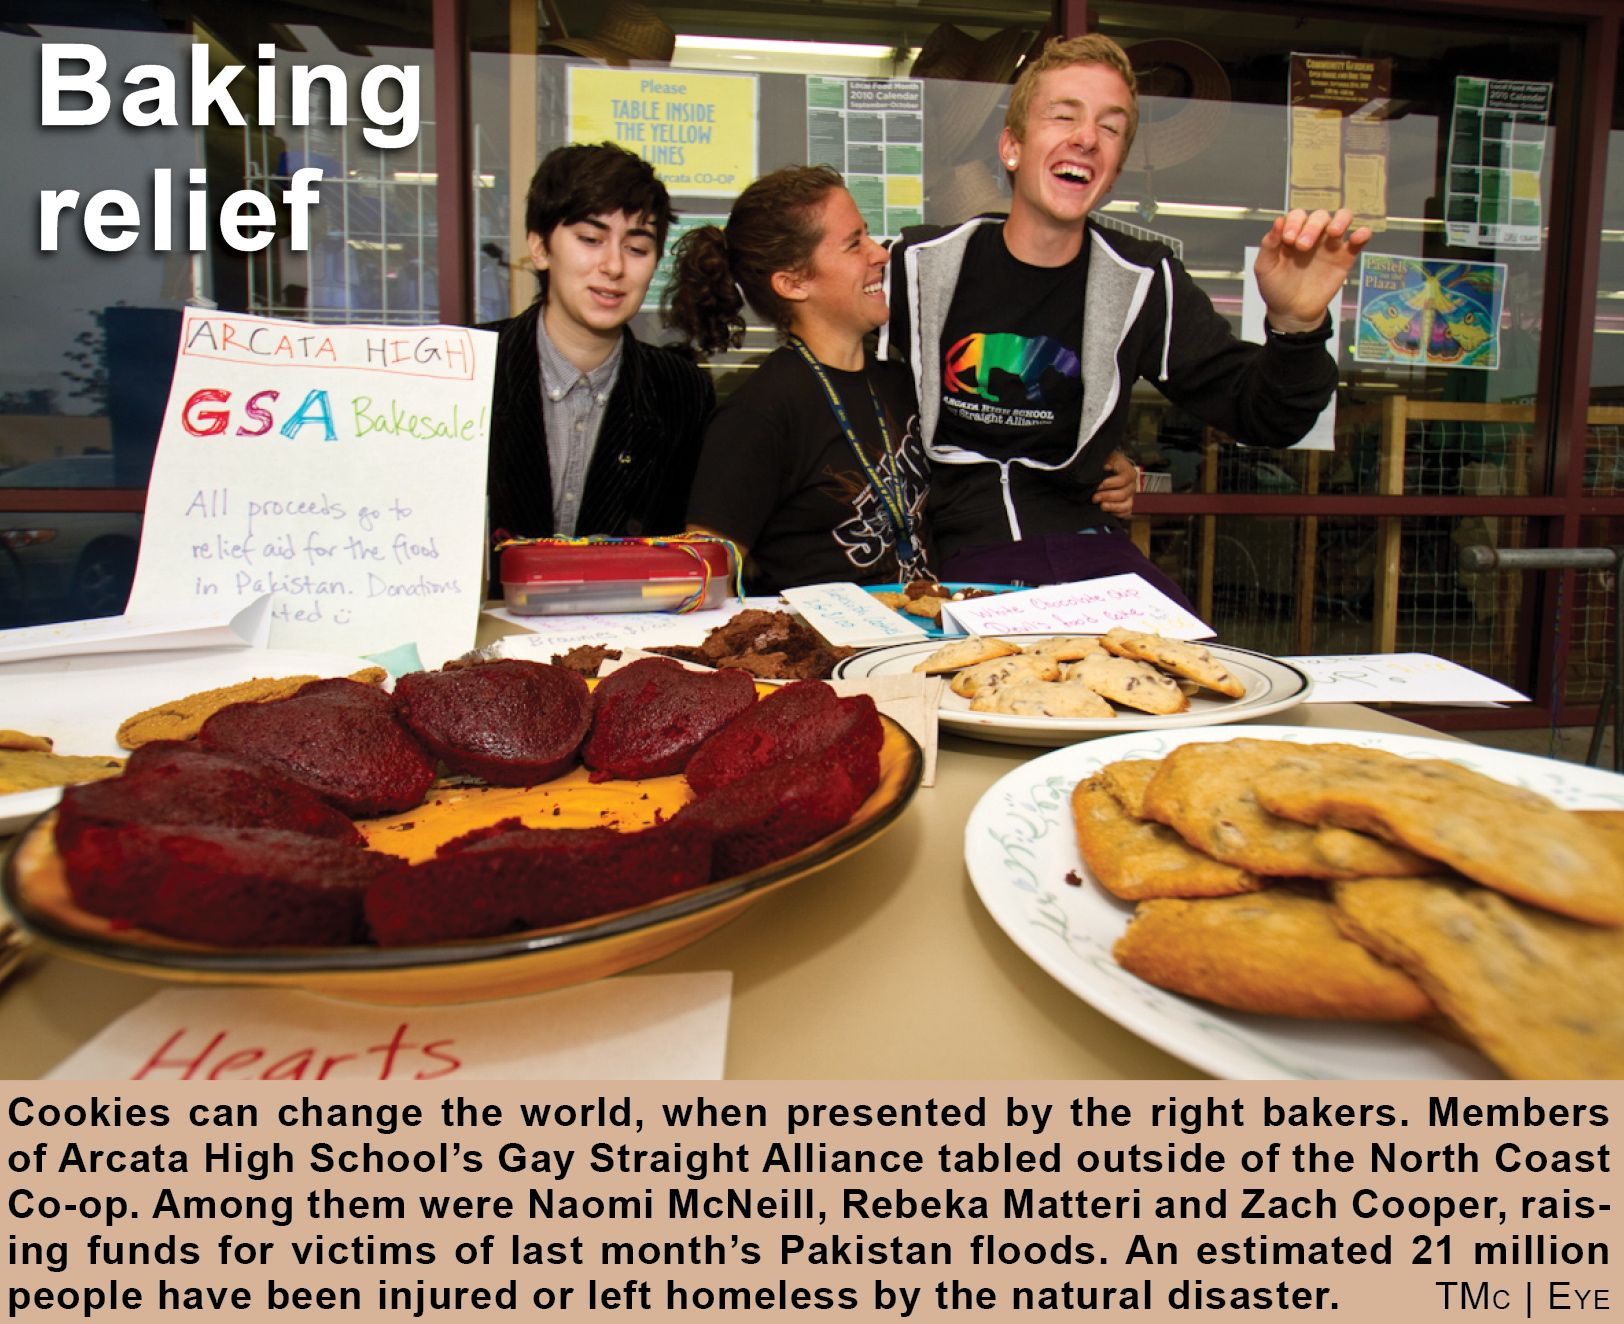 baking-relief